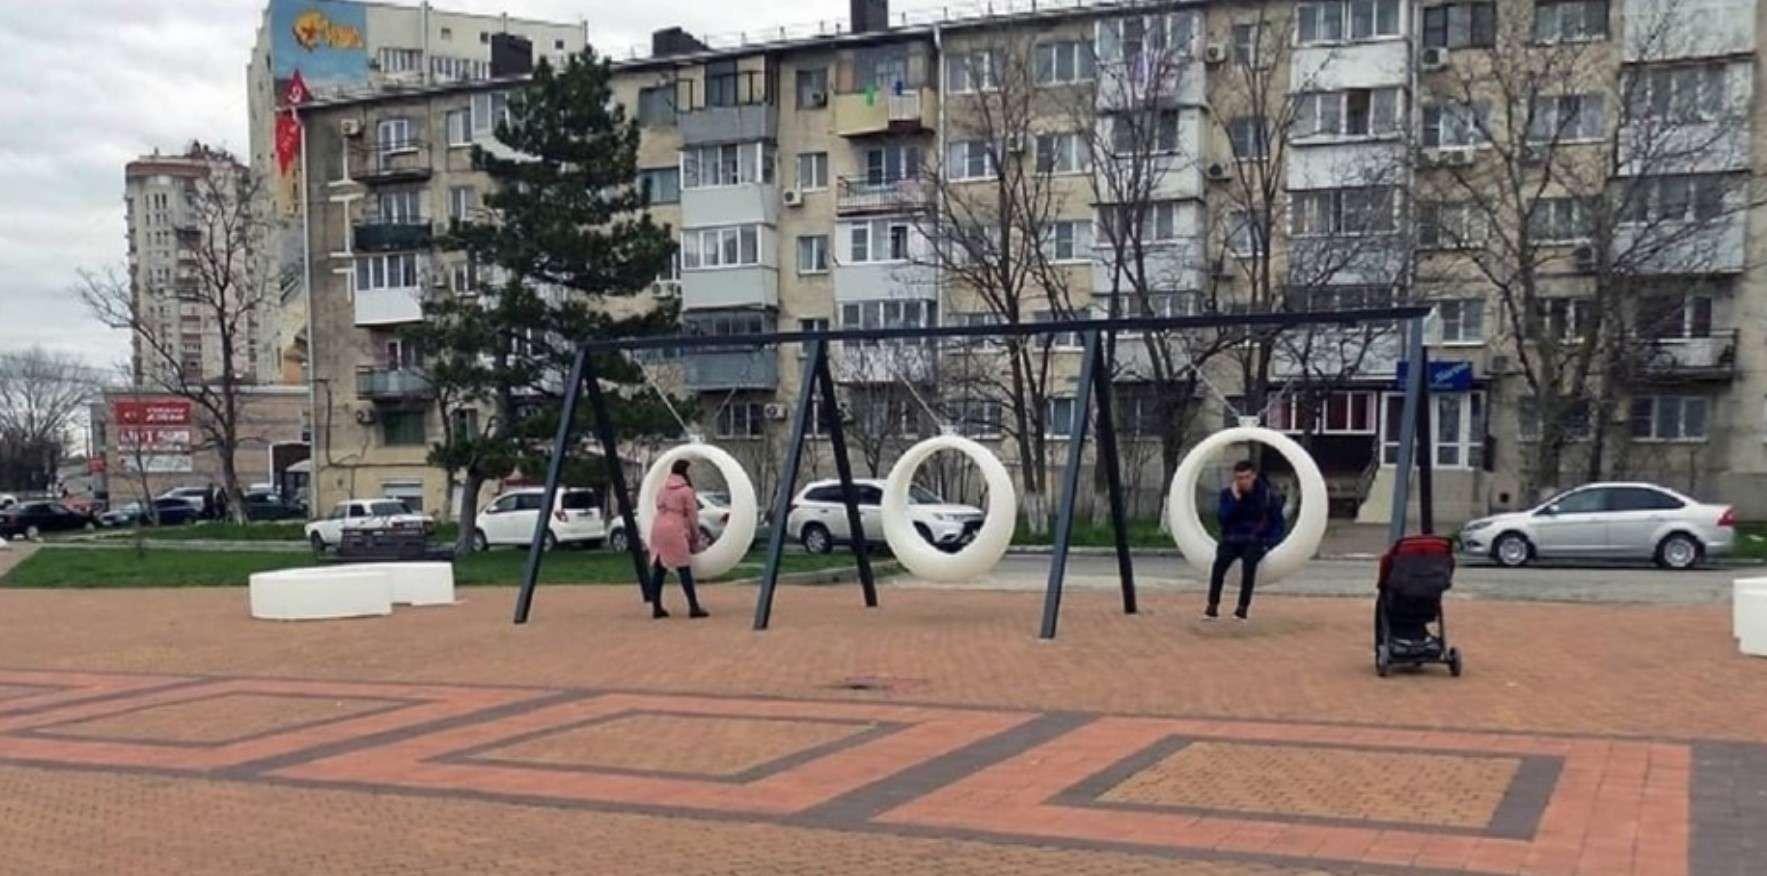 Вандалы против благоустройства: в Новороссийске сломали новые LED-качели и детские горки